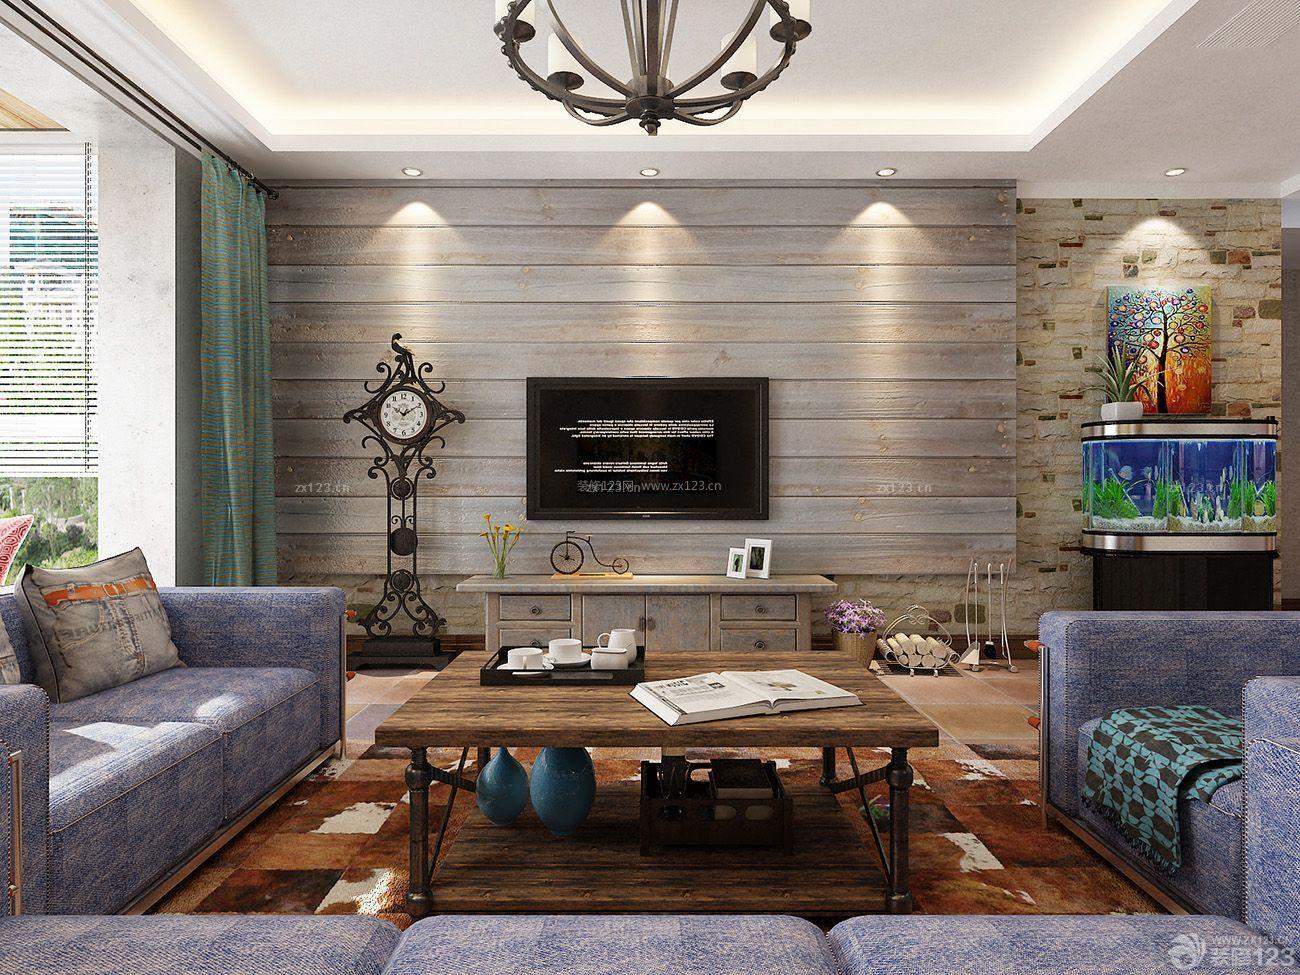 欧式客厅微晶石瓷砖背景墙装修效果图图片